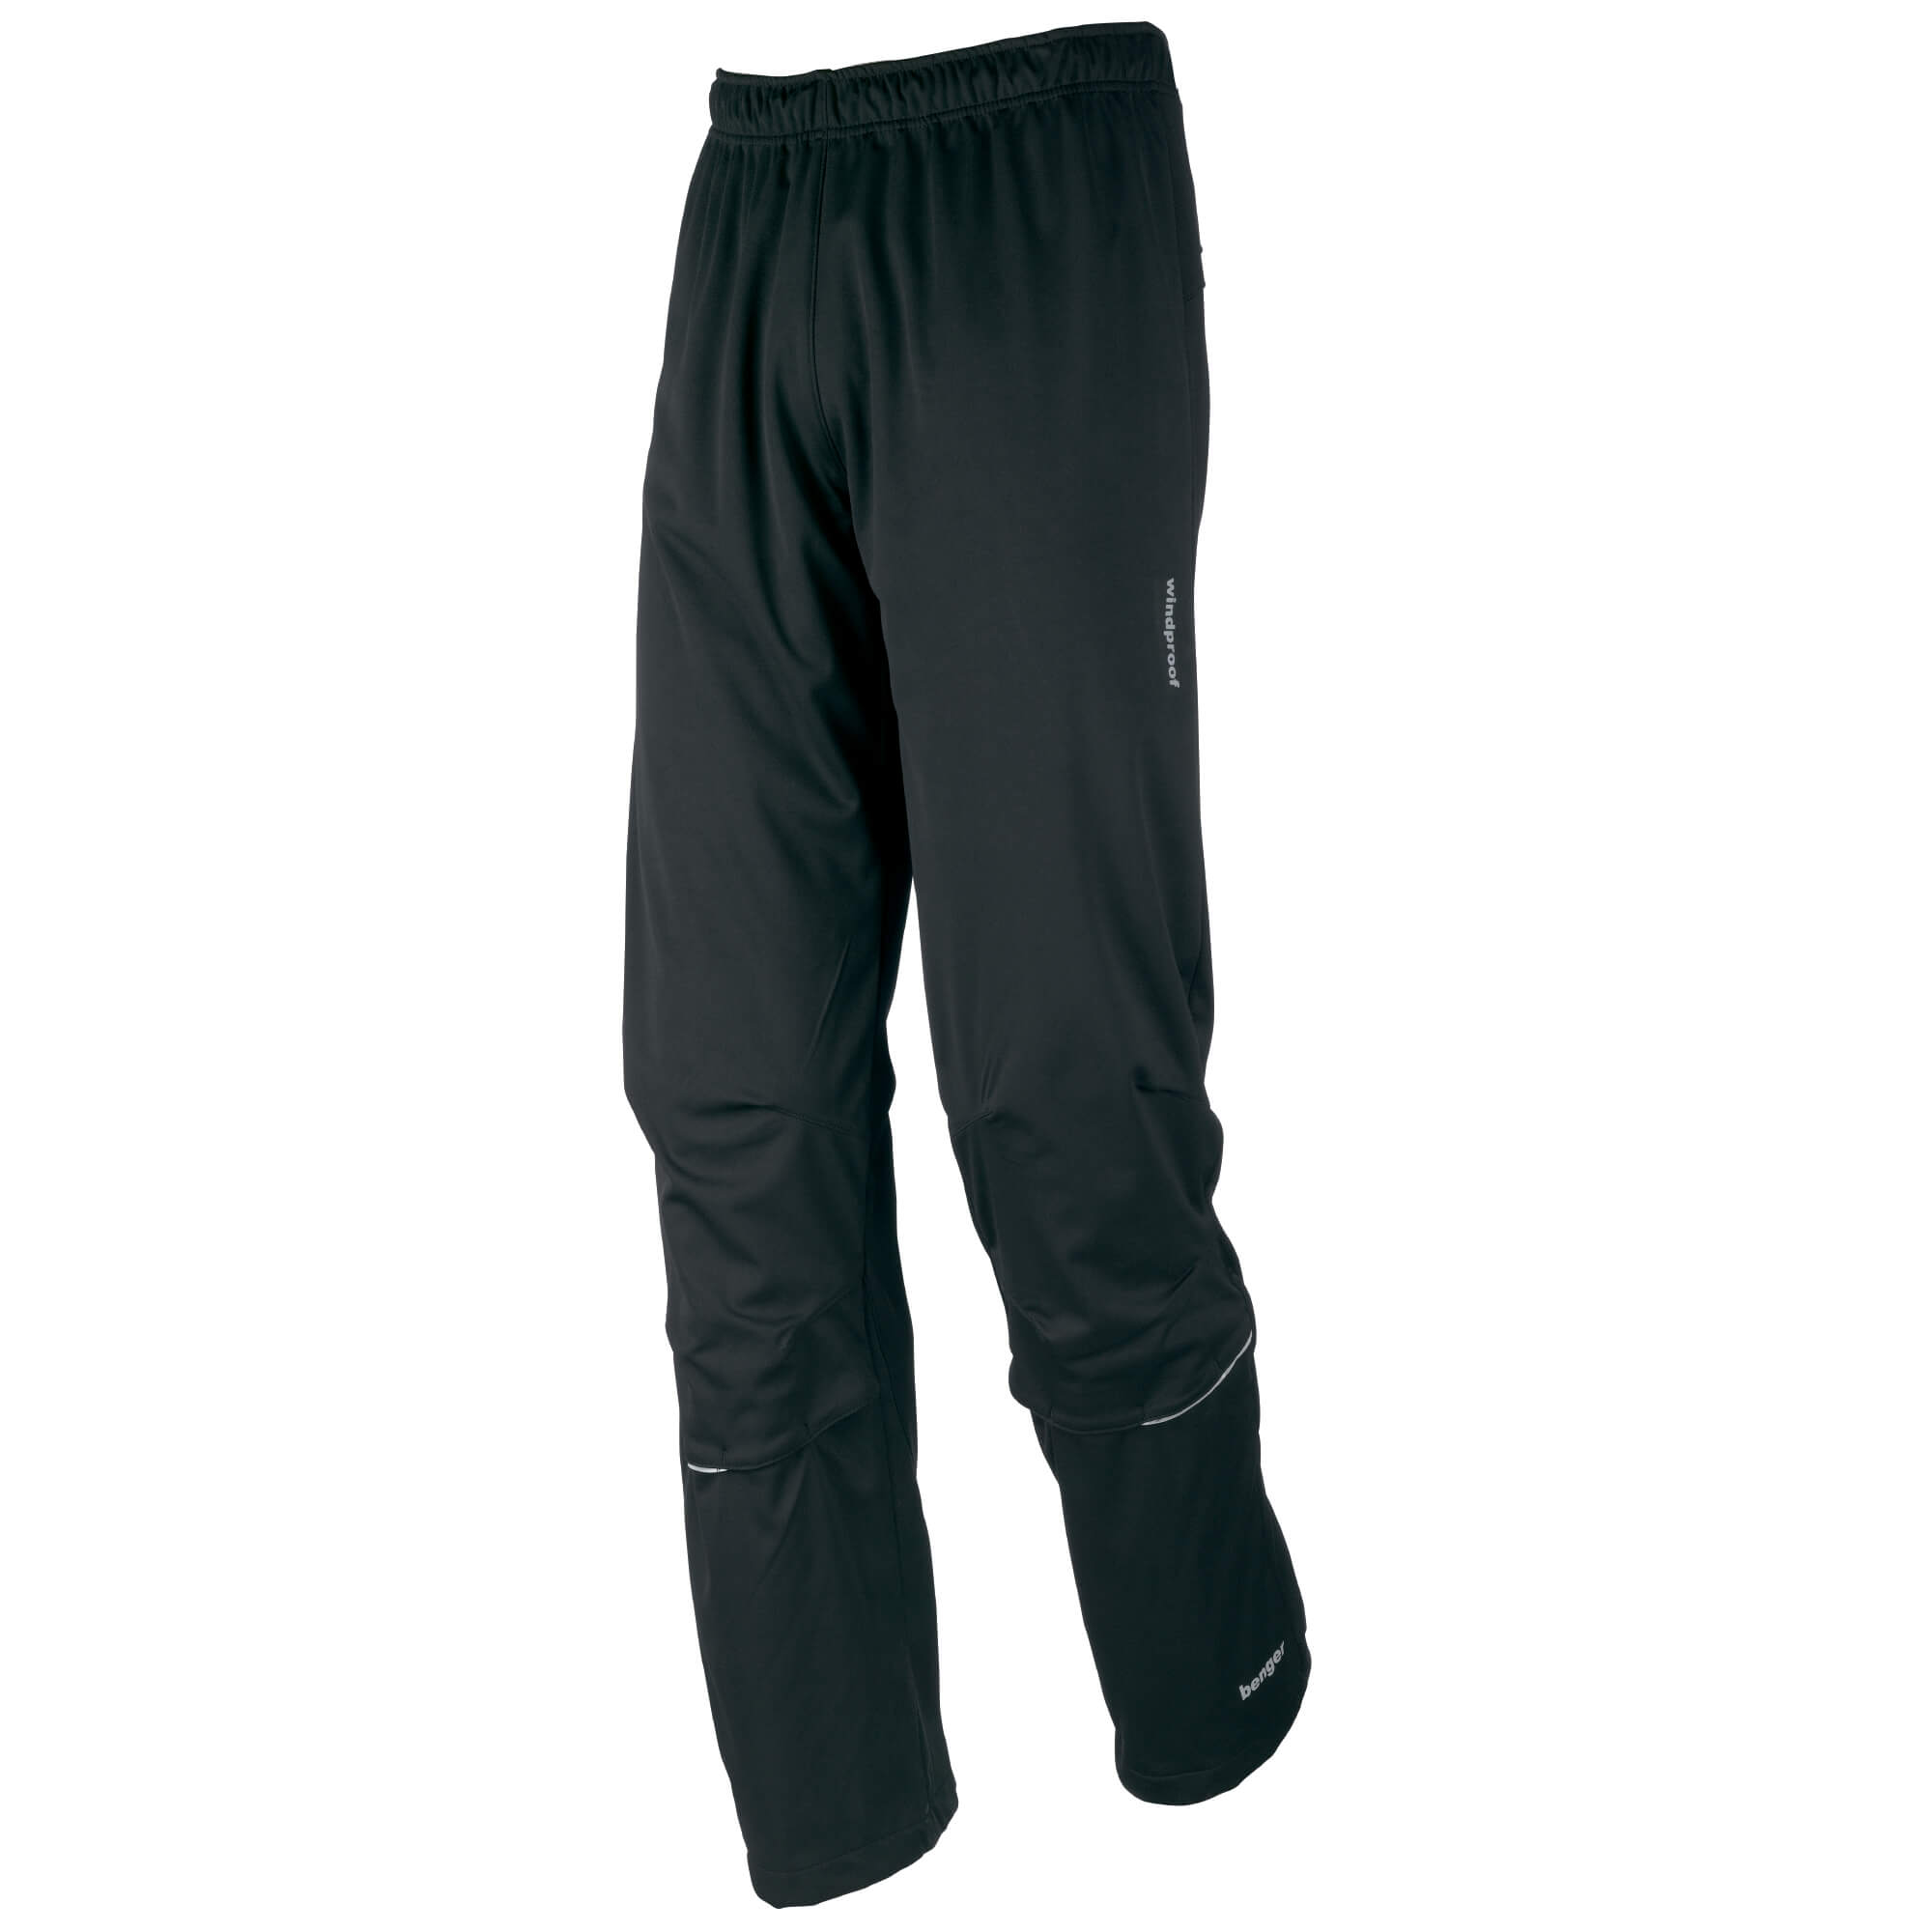 Pantaloni de alergare pentru barbati imagine